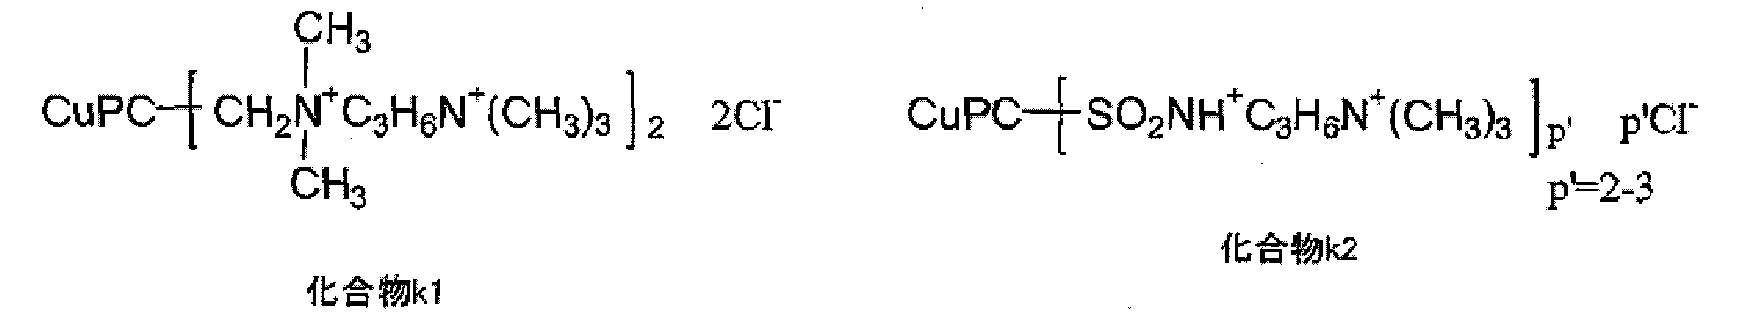 Figure CN102645842BD00173